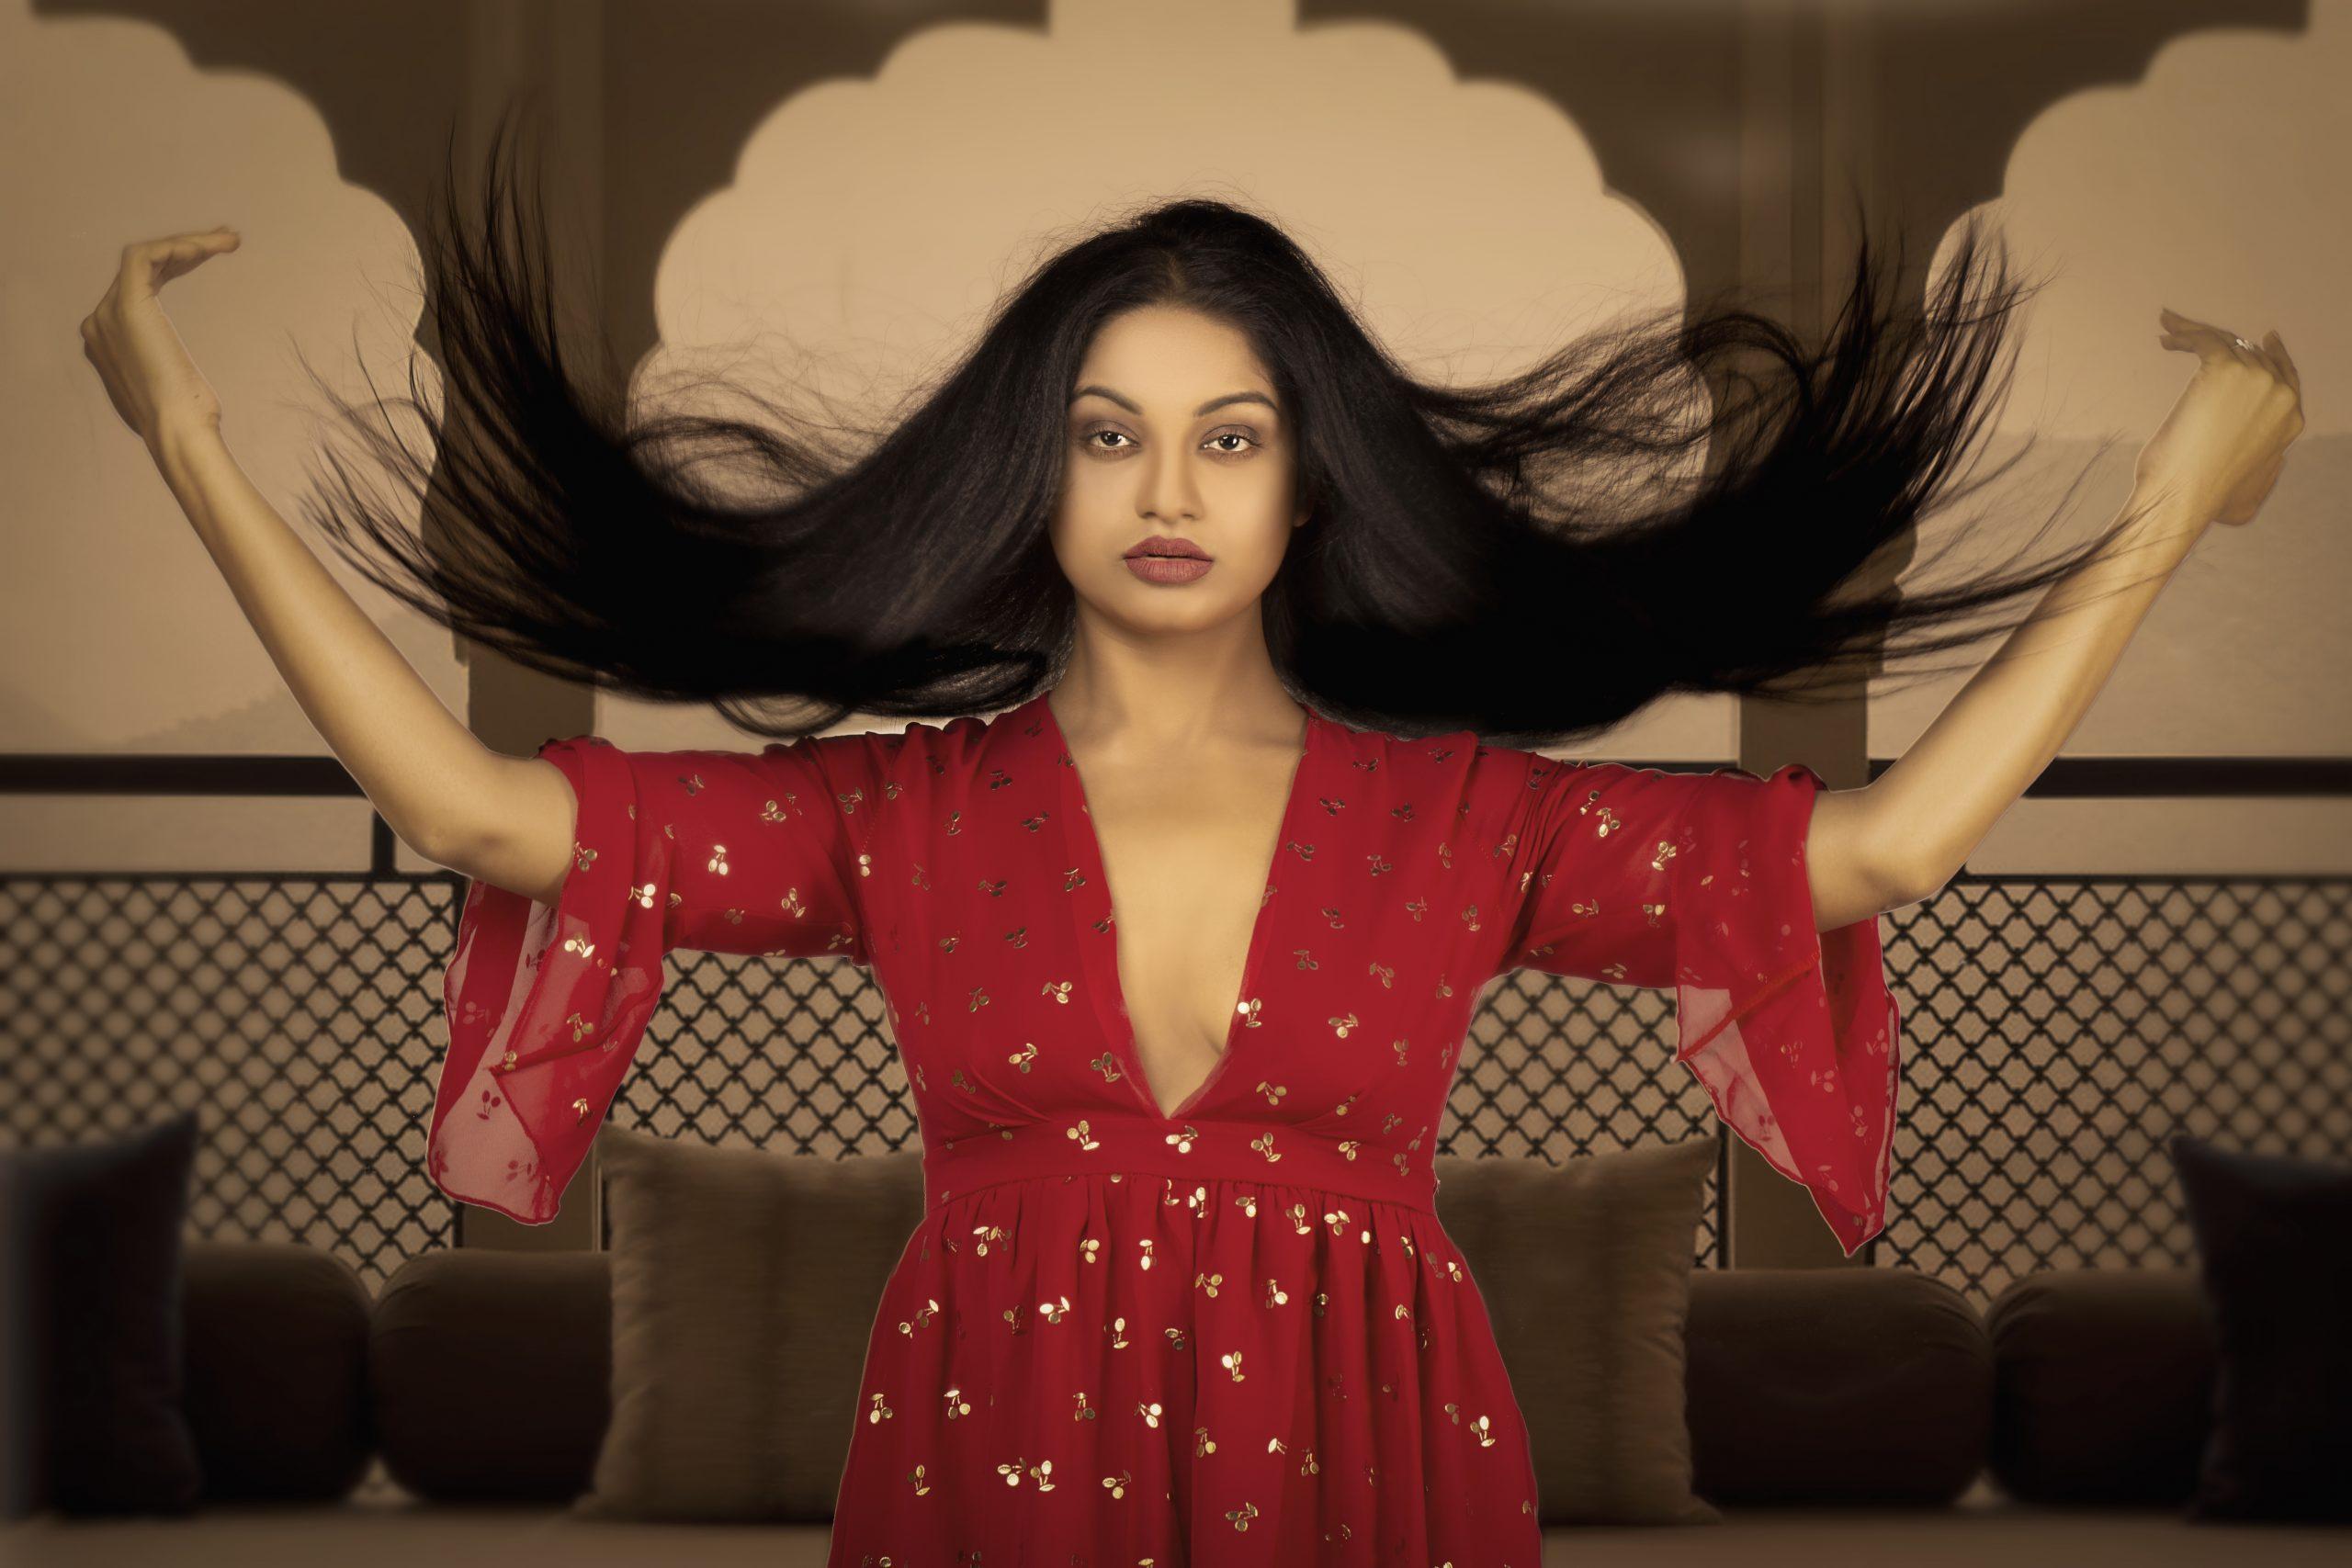 A girl swirling her hair